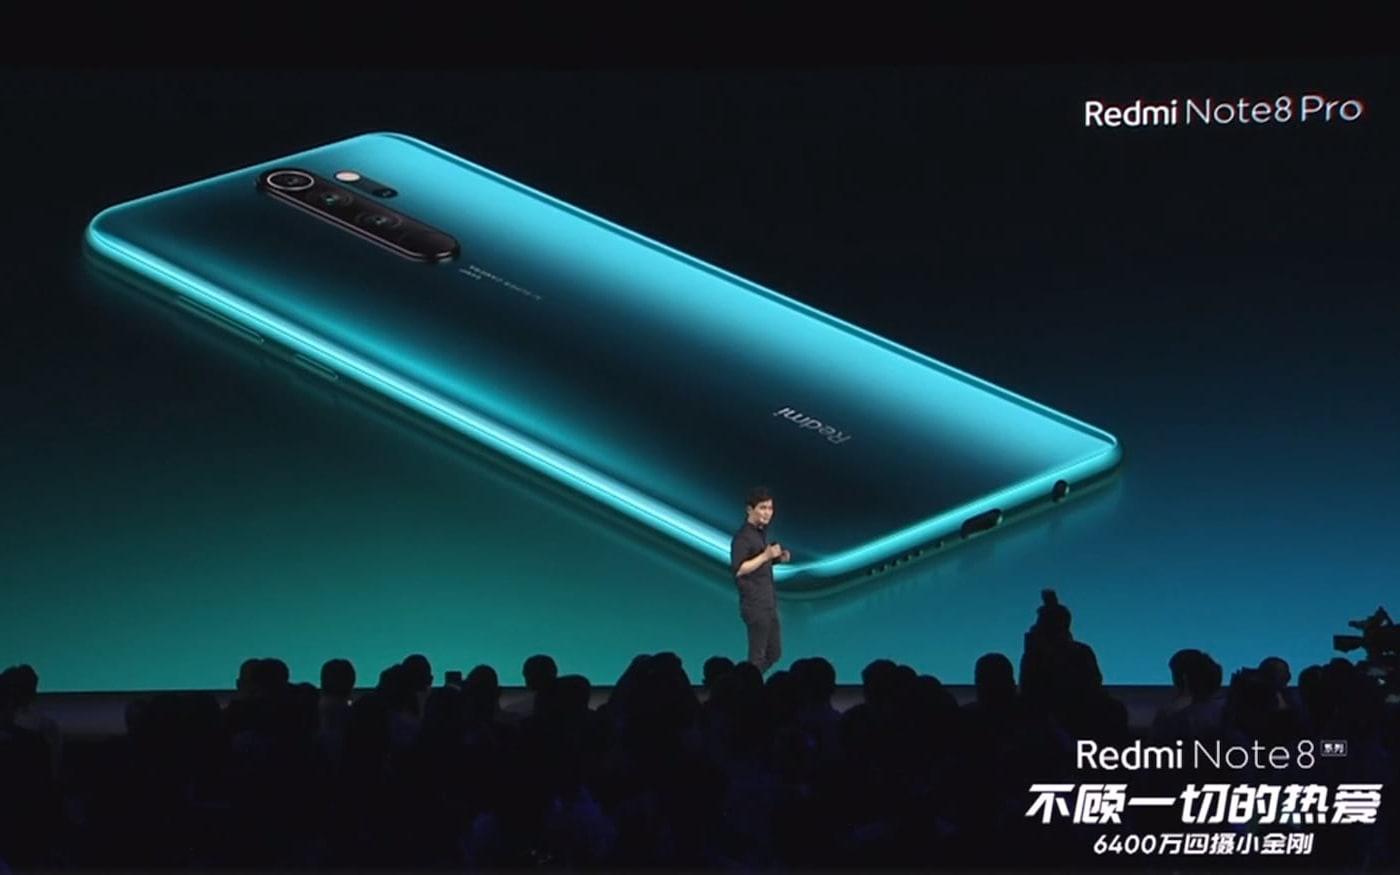 Veja as primeiras impressões sobre o Redmi Note 8 Pro